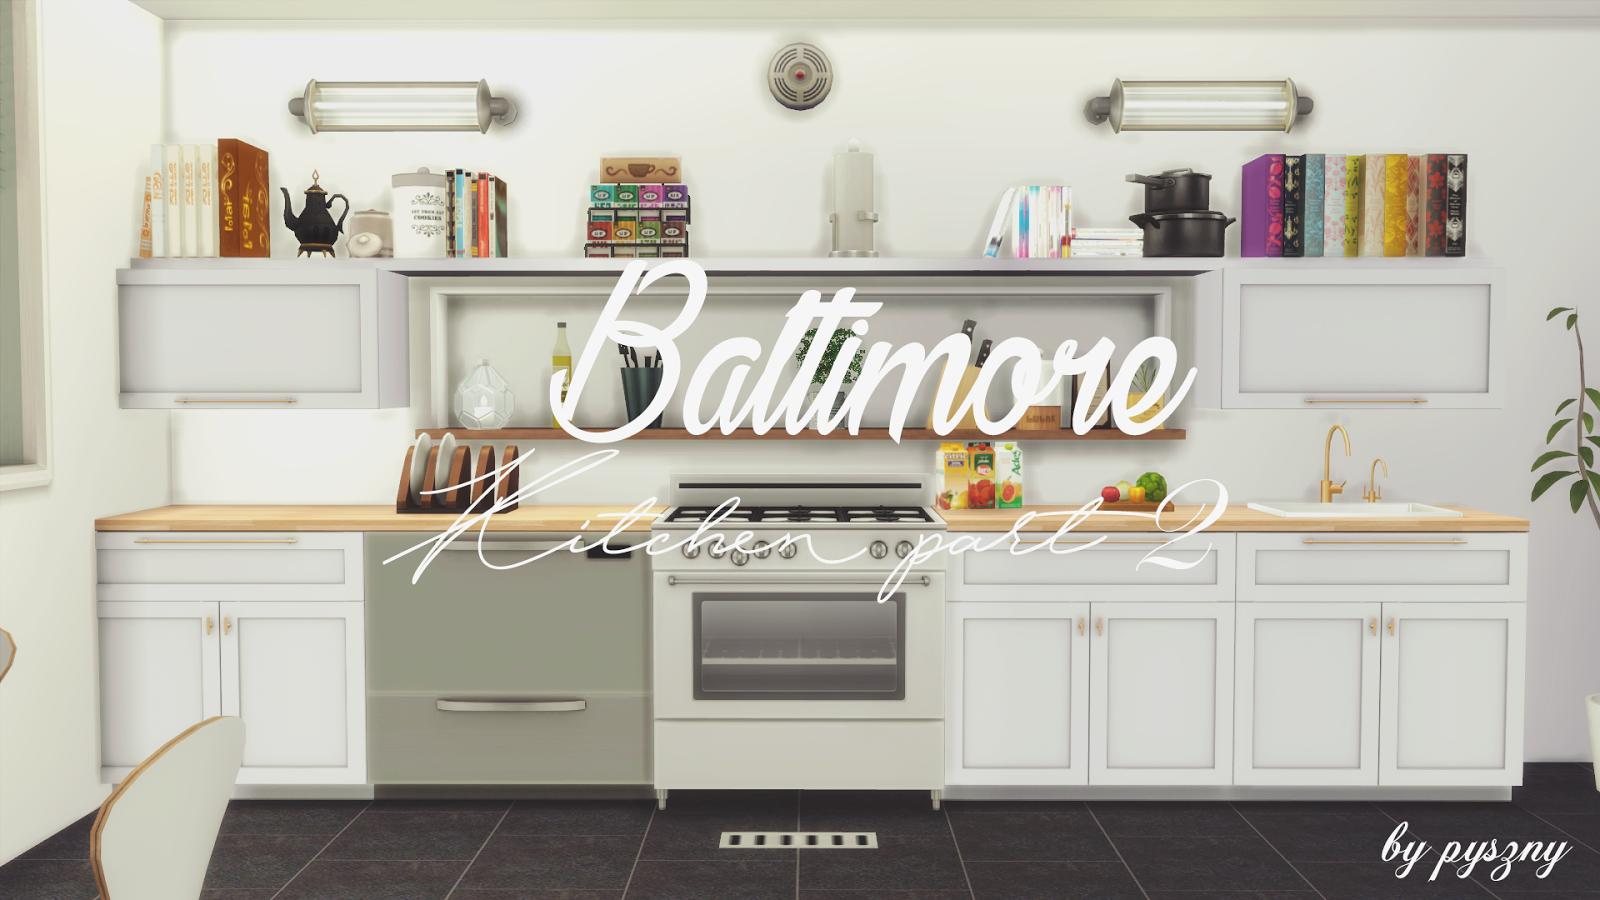 Baltimore Kitchen Part 2 Updated